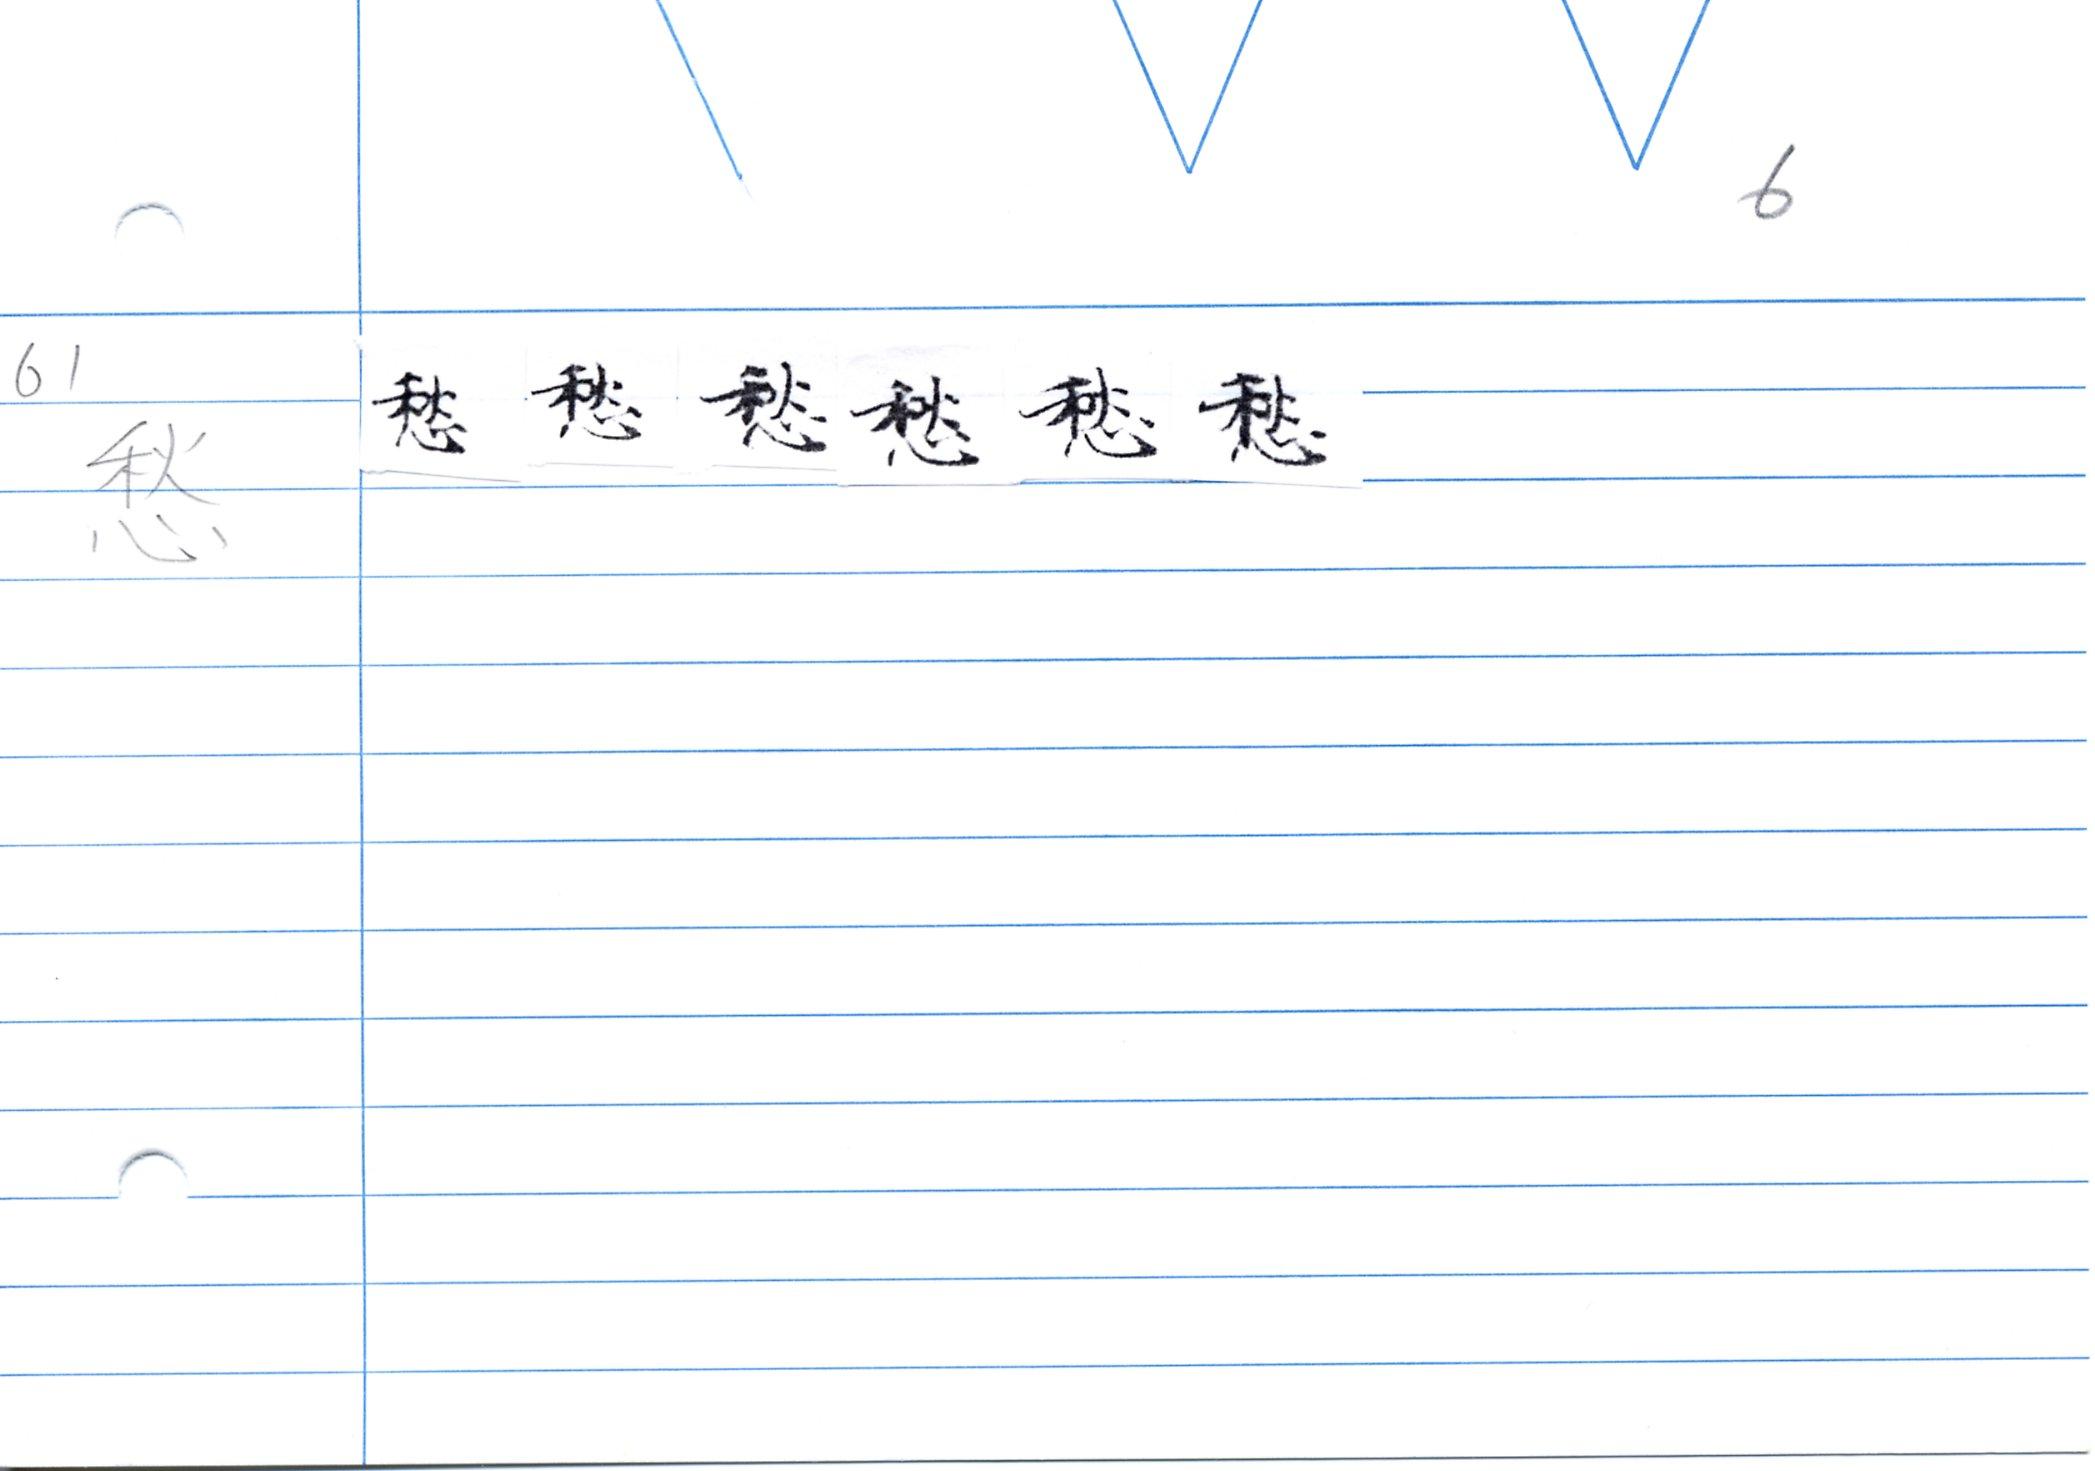 54_大般若經卷二百五十(和銅經)/cards/0082.JPG